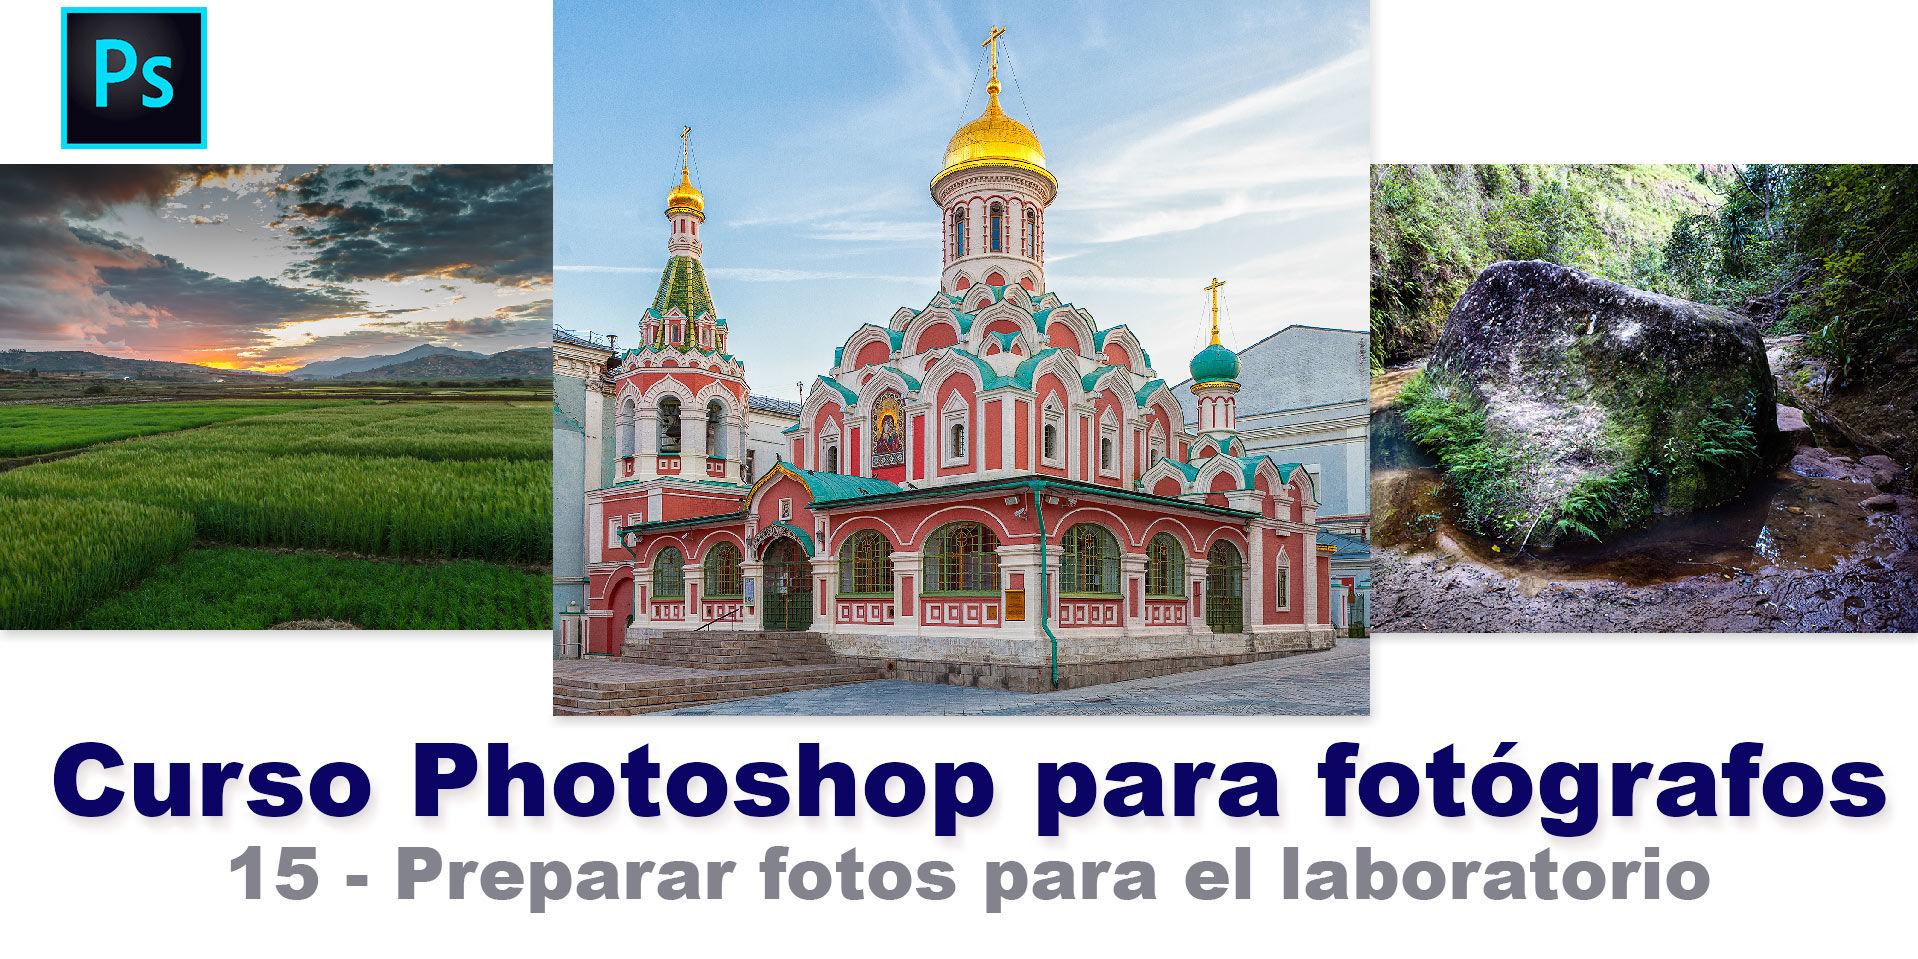 Preparar fotos para imprimir con Photoshop